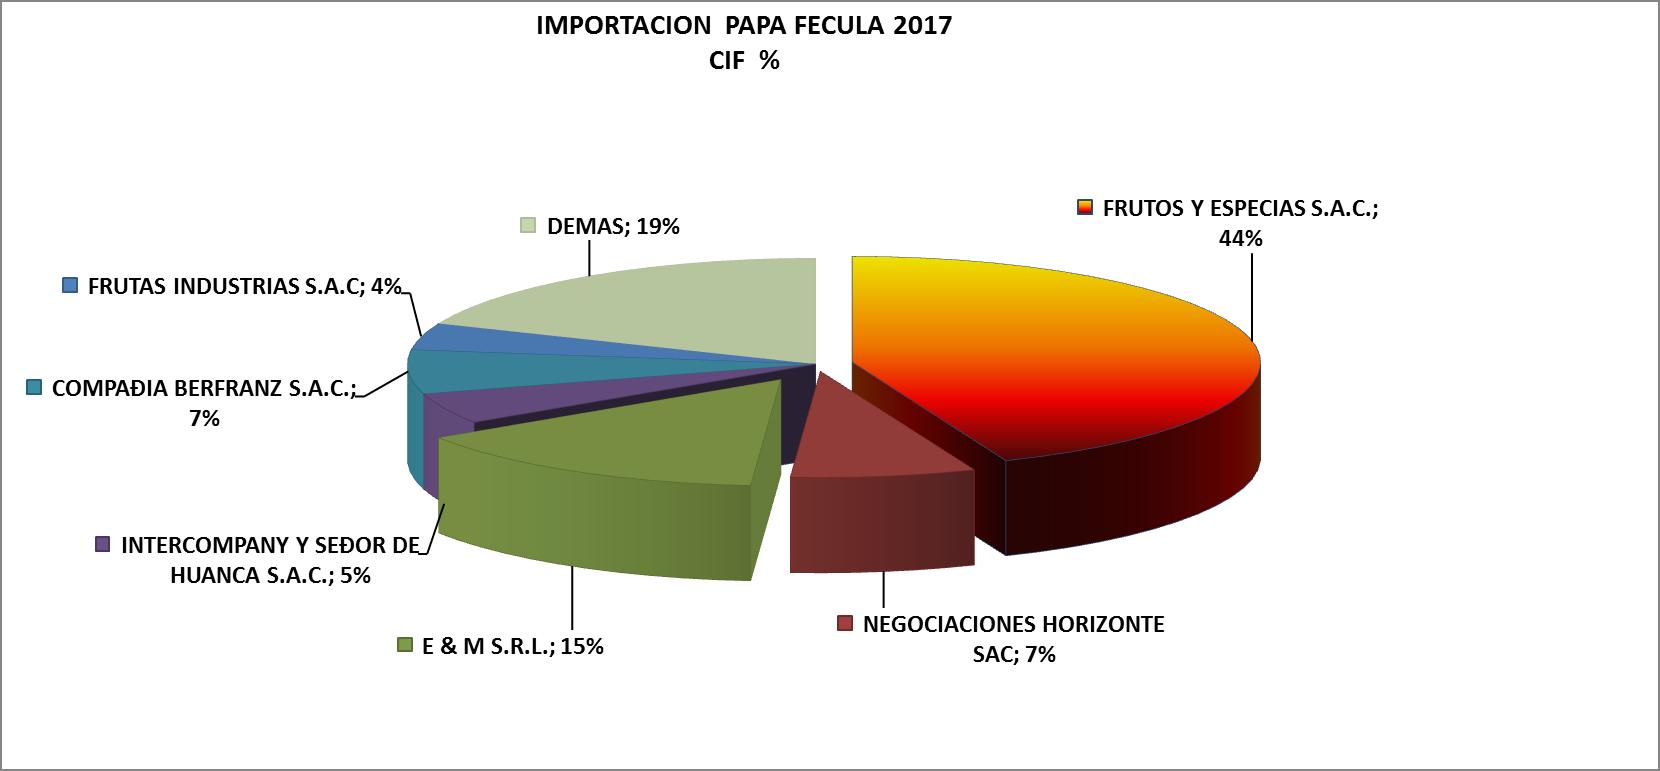 Papa Fécula Perú Importación 2017 Abril